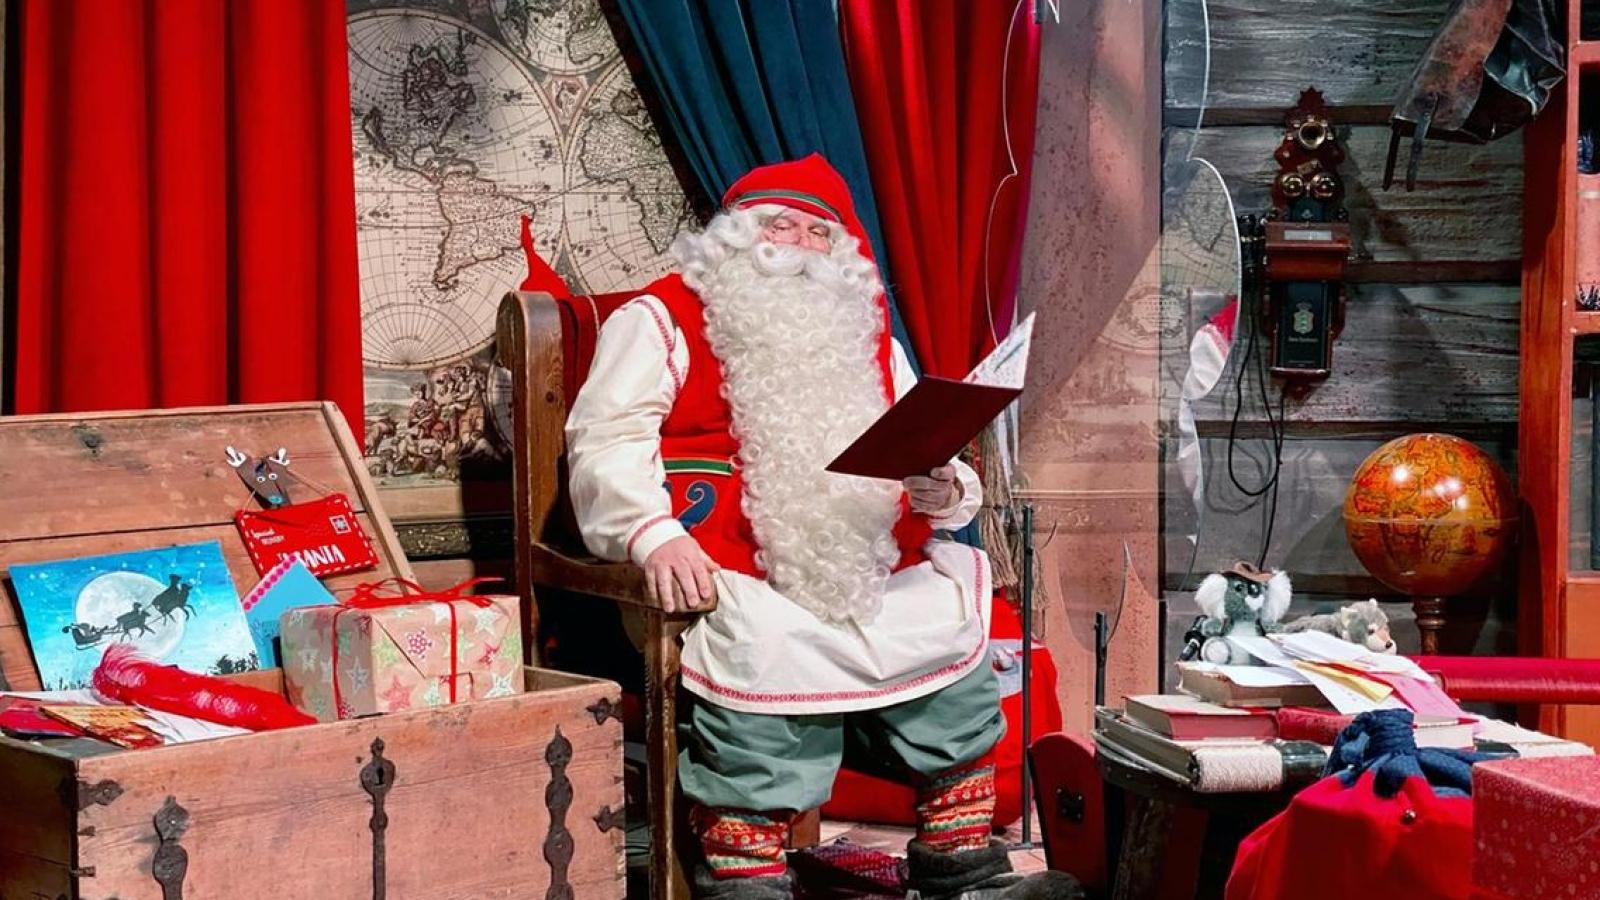 Thông điệp của ông già Noel: Covid-19 nhưng các em nhỏ vẫn có quà